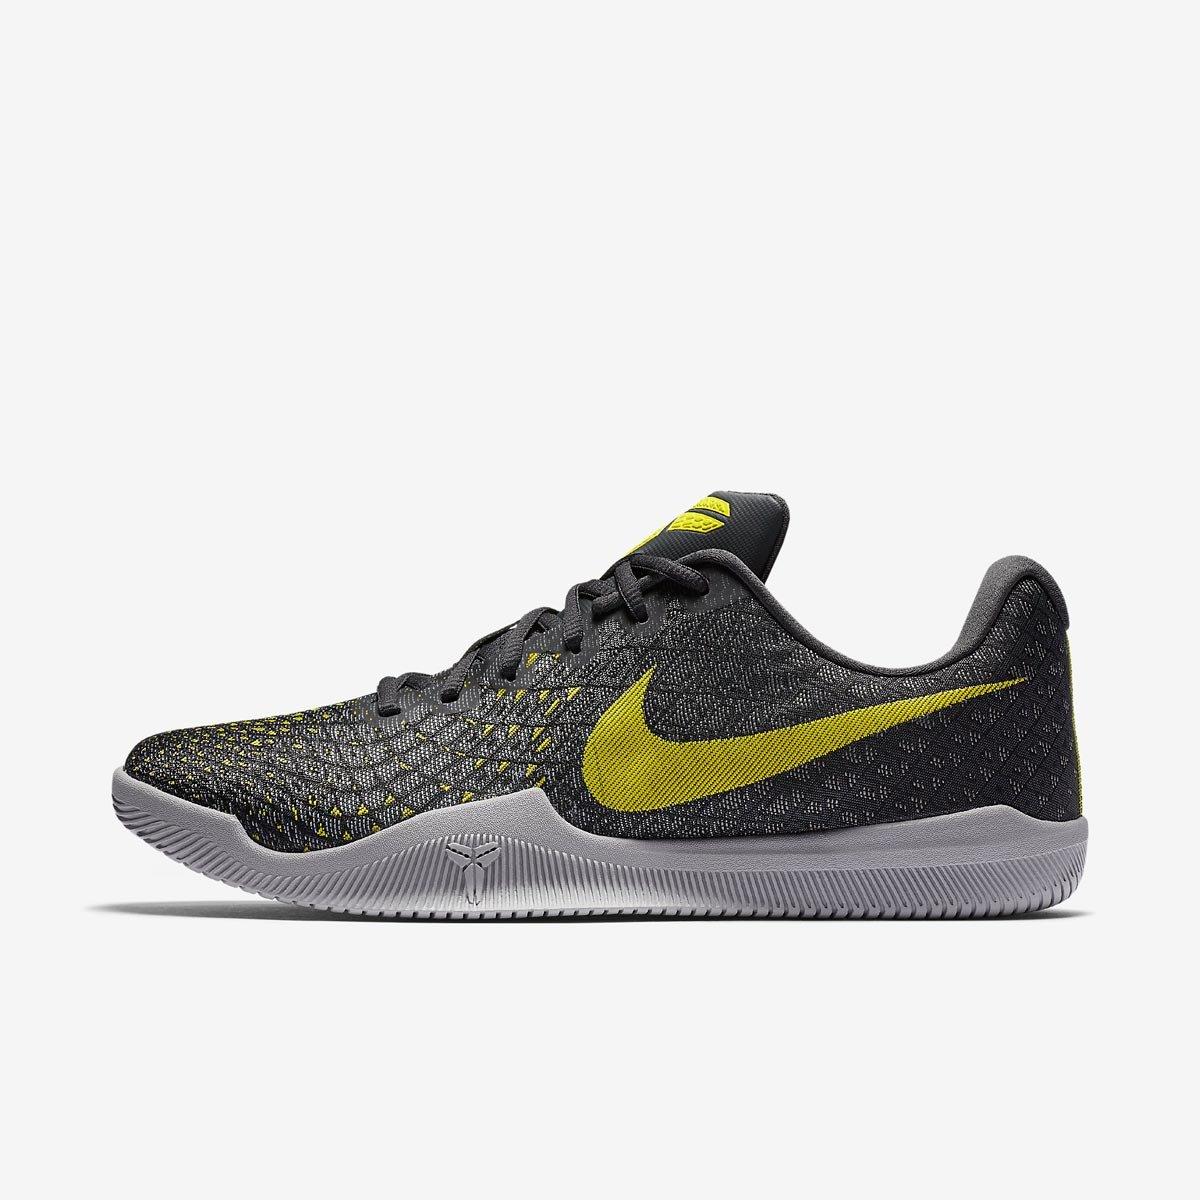 Nike Kobe Mamba Instinct Zapatillas de baloncesto para hombre, gris / amarillo: Amazon.es: Deportes y aire libre